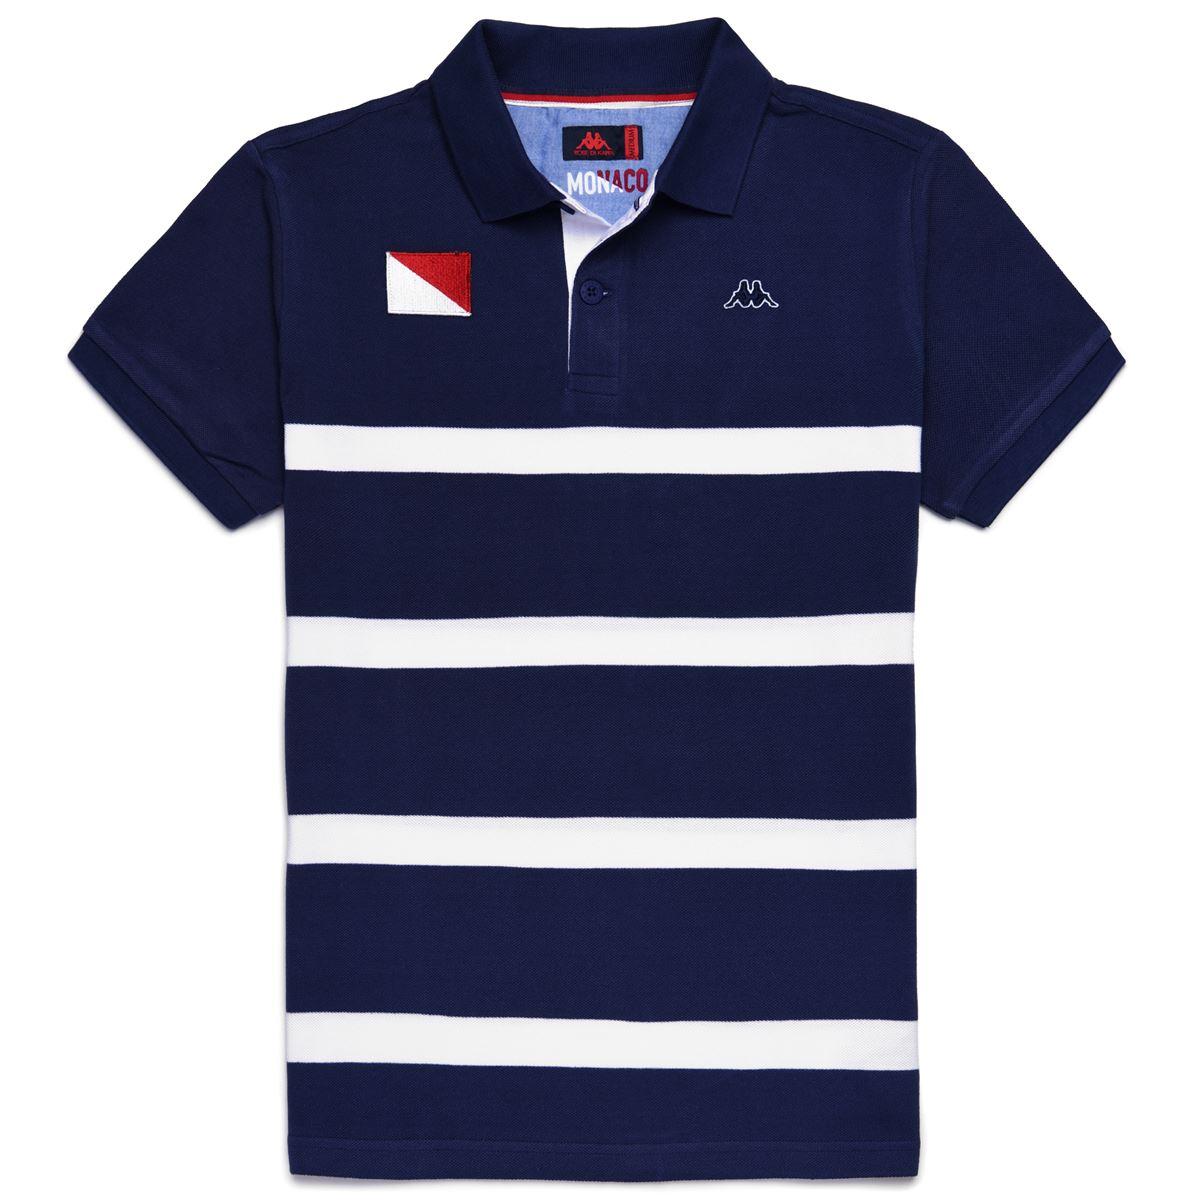 Robe di Kappa Polo Shirts uomo-611261WASM